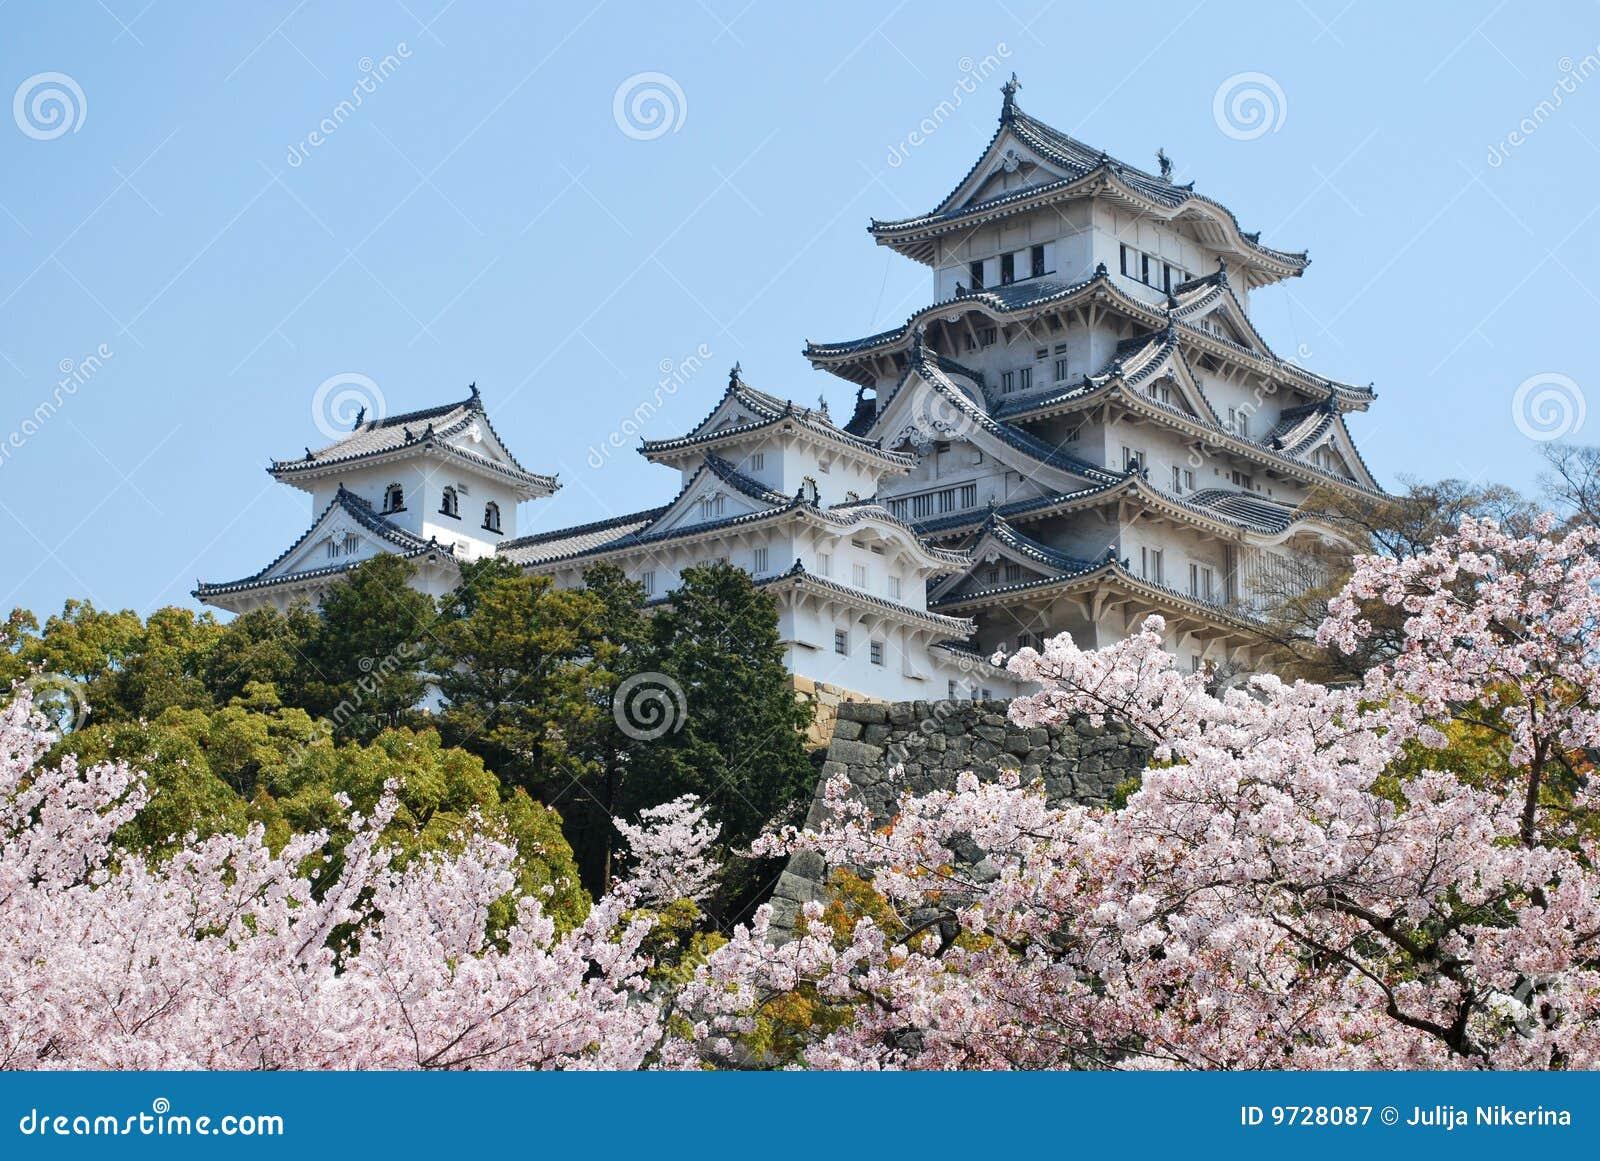 Castillo de Himeji durante el flor de cereza